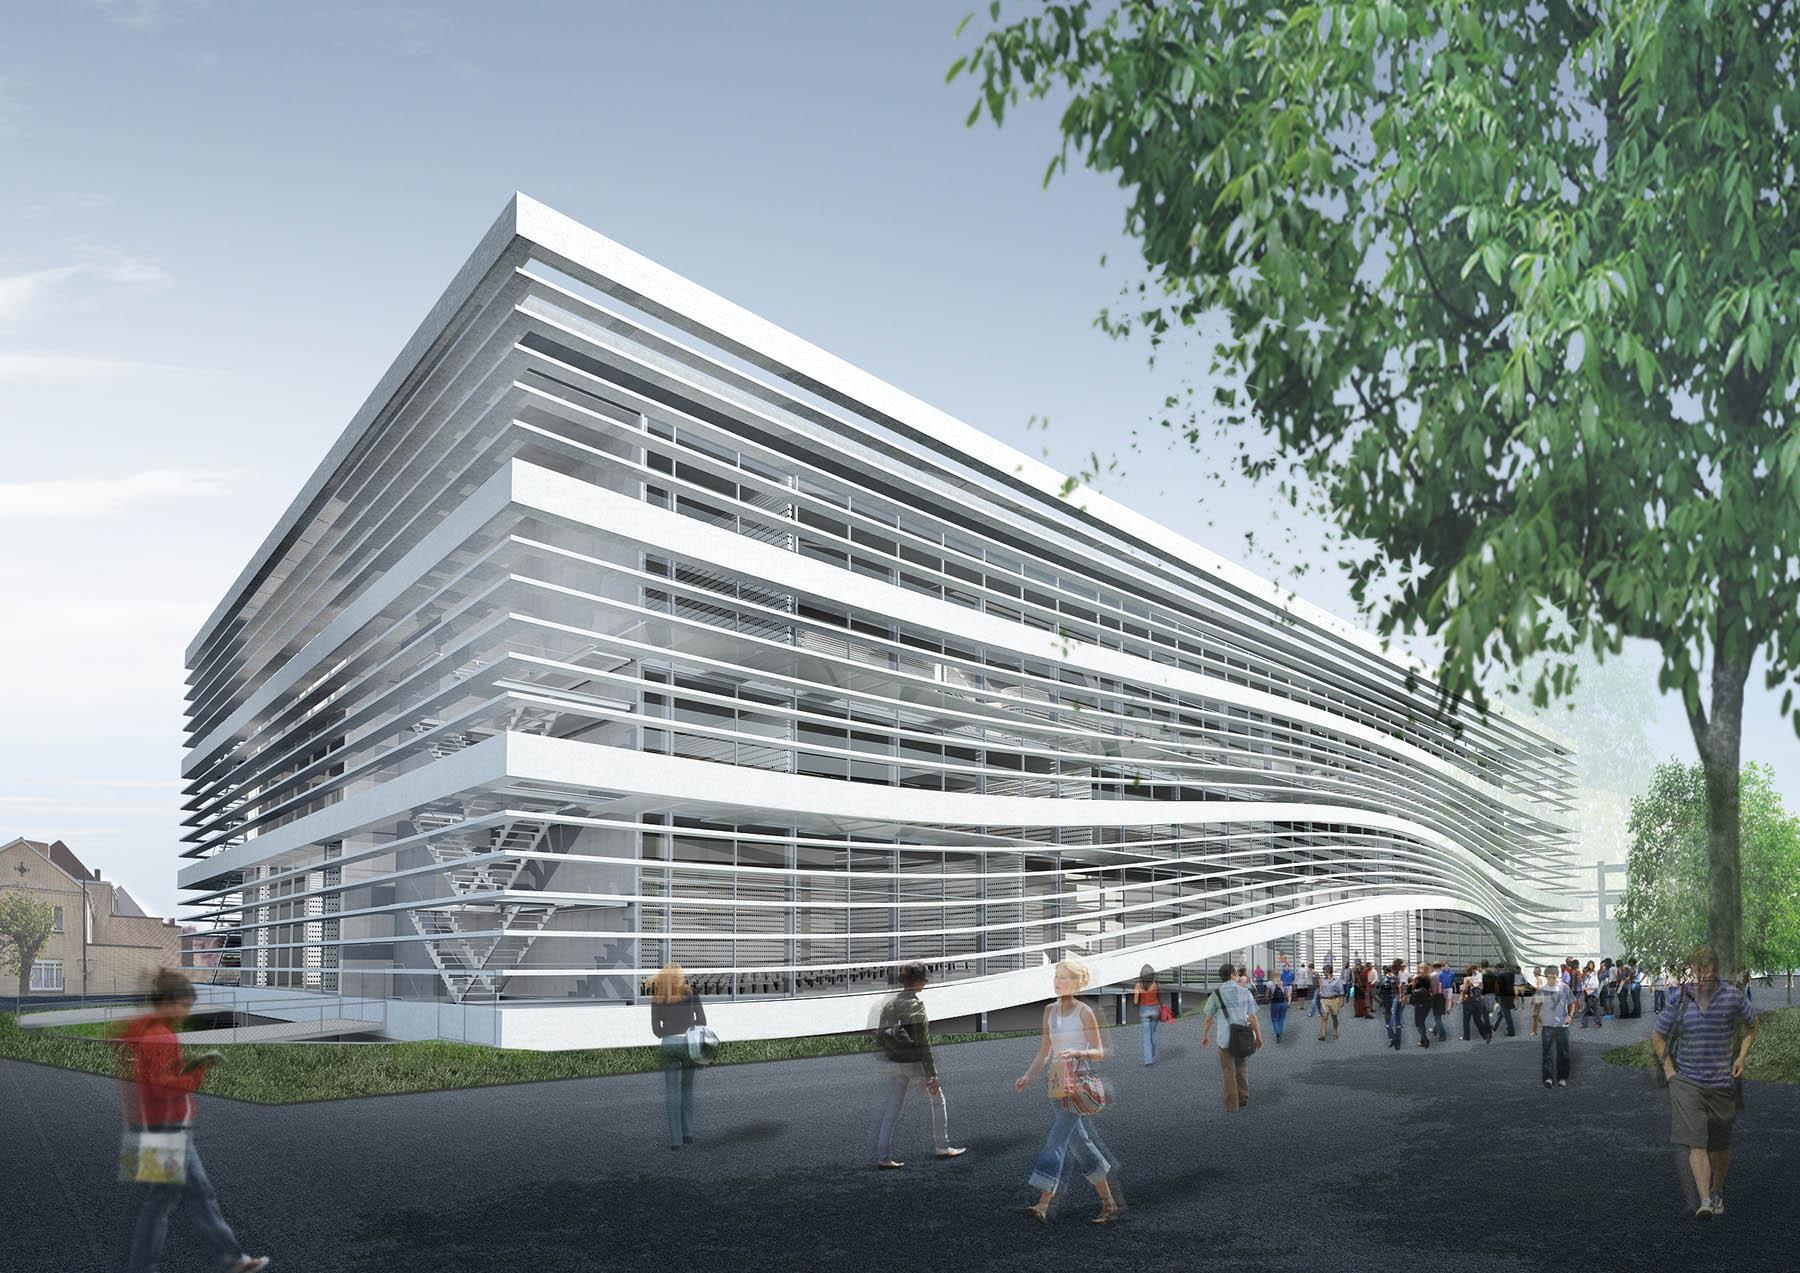 Faculty for the Studies of Social Work. Campus Schoonmeersen, Ghent, Belgium, 2012 – under construction